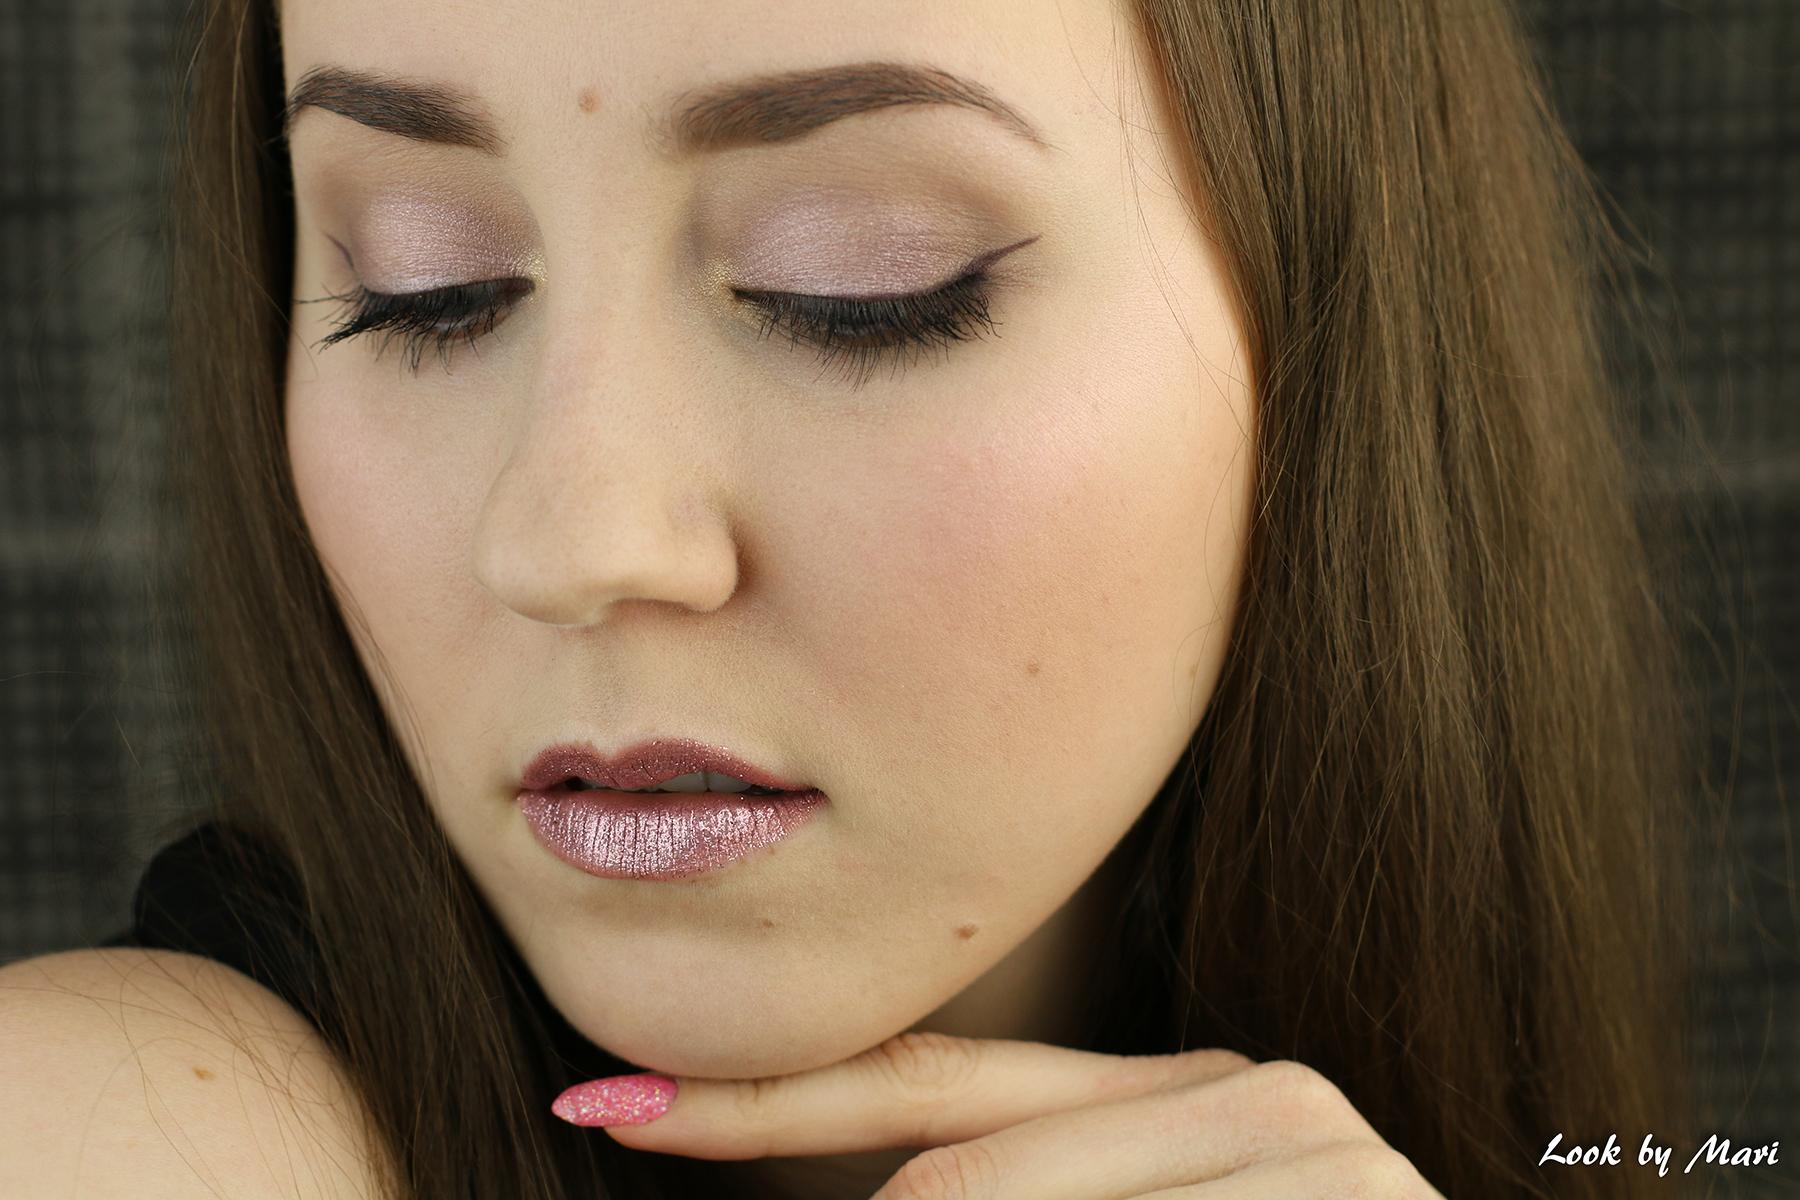 4 kylmän sävyinen neutraali helppo luonnollinen silmämeikki meikki ideat tutoriaali